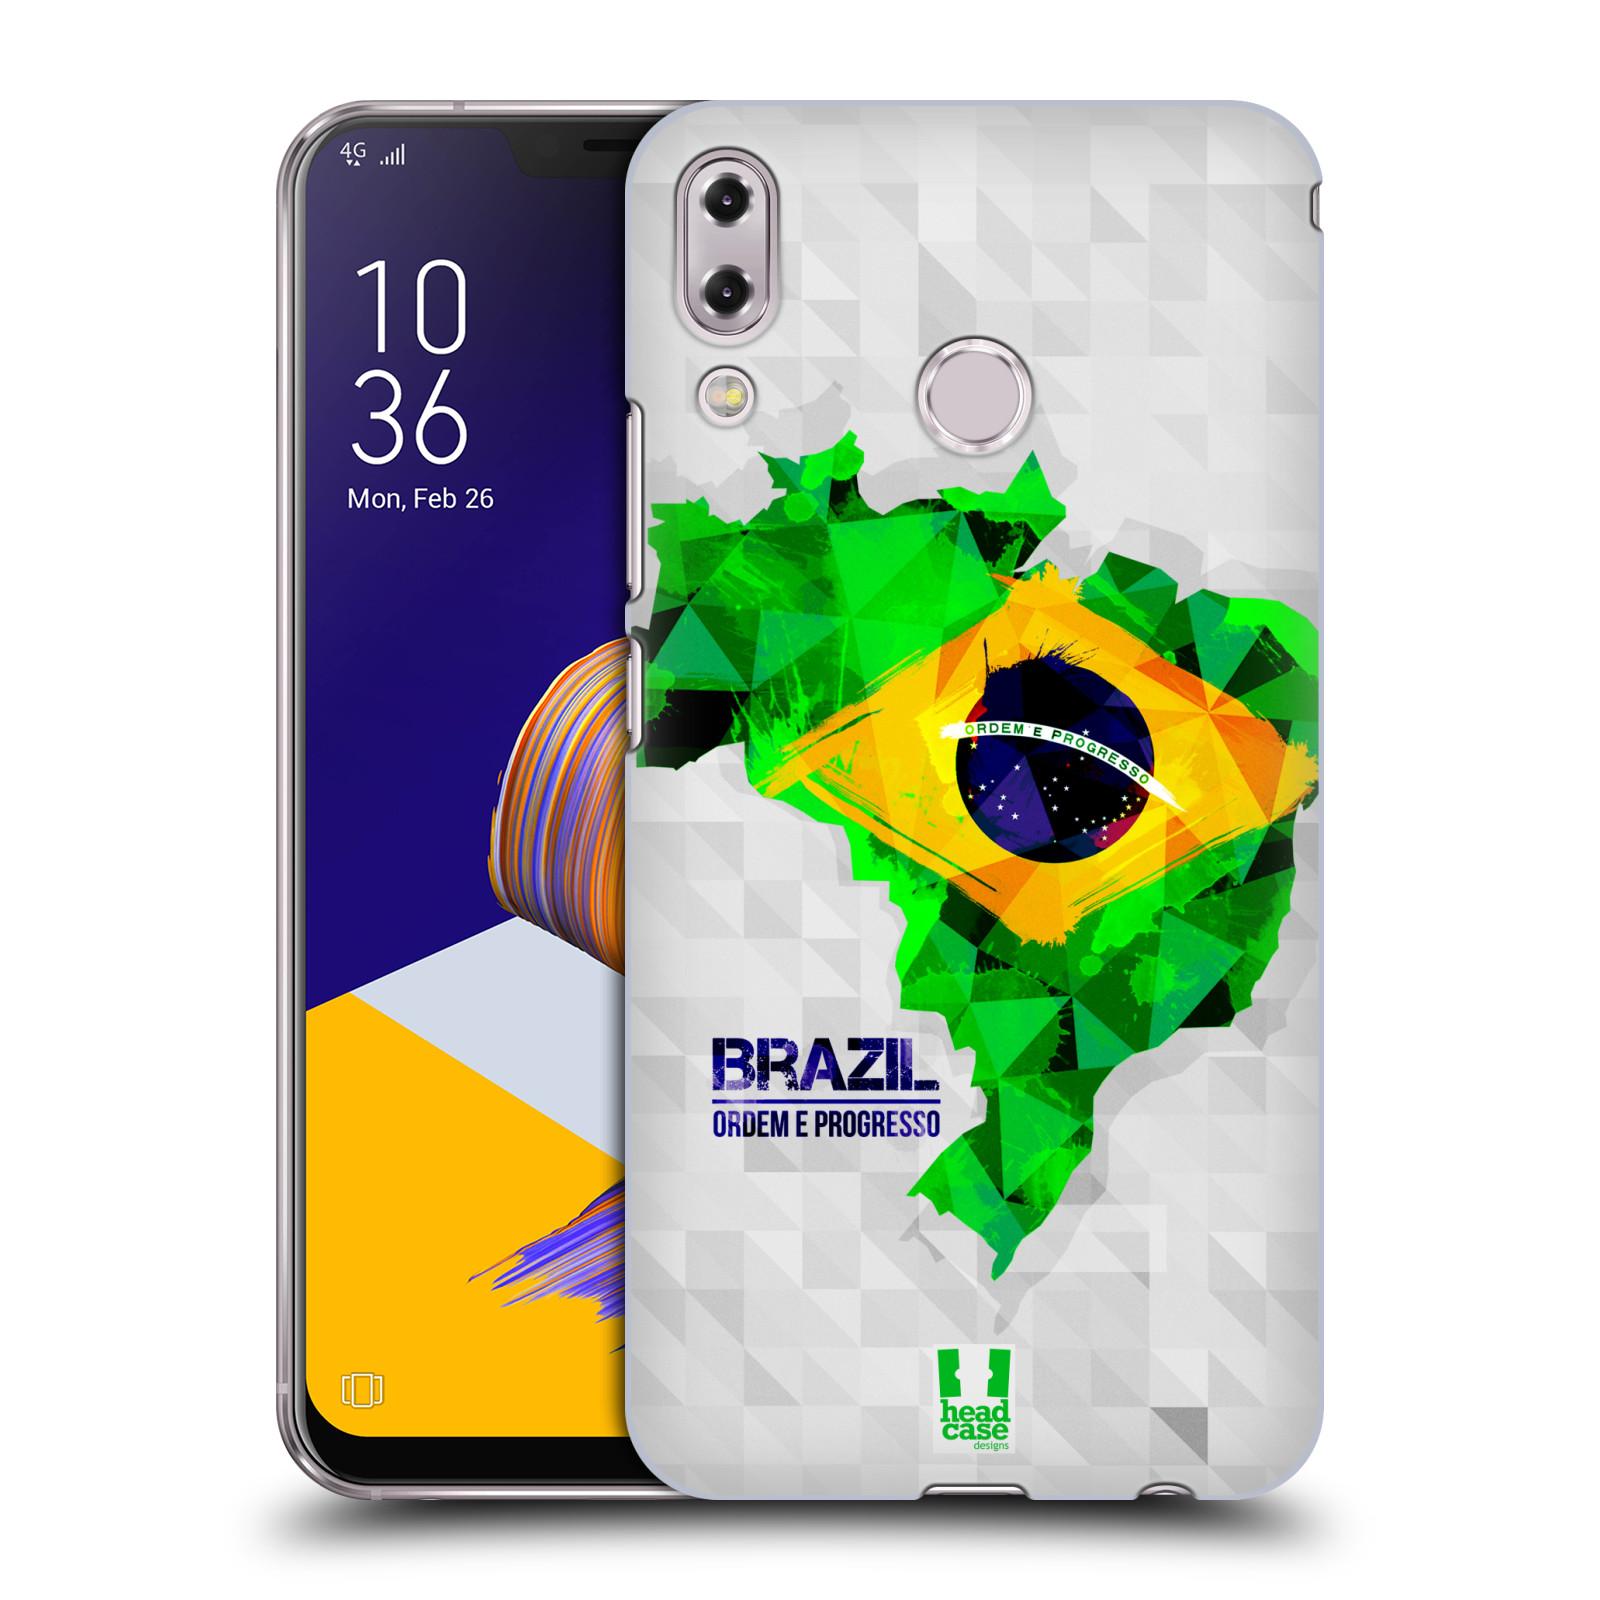 Plastové pouzdro na mobil Asus Zenfone 5z ZS620KL - Head Case - GEOMAPA BRAZÍLIE (Plastový kryt či obal na mobilní telefon Asus Zenfone 5z (ZS620KL) s motivem GEOMAPA BRAZÍLIE)